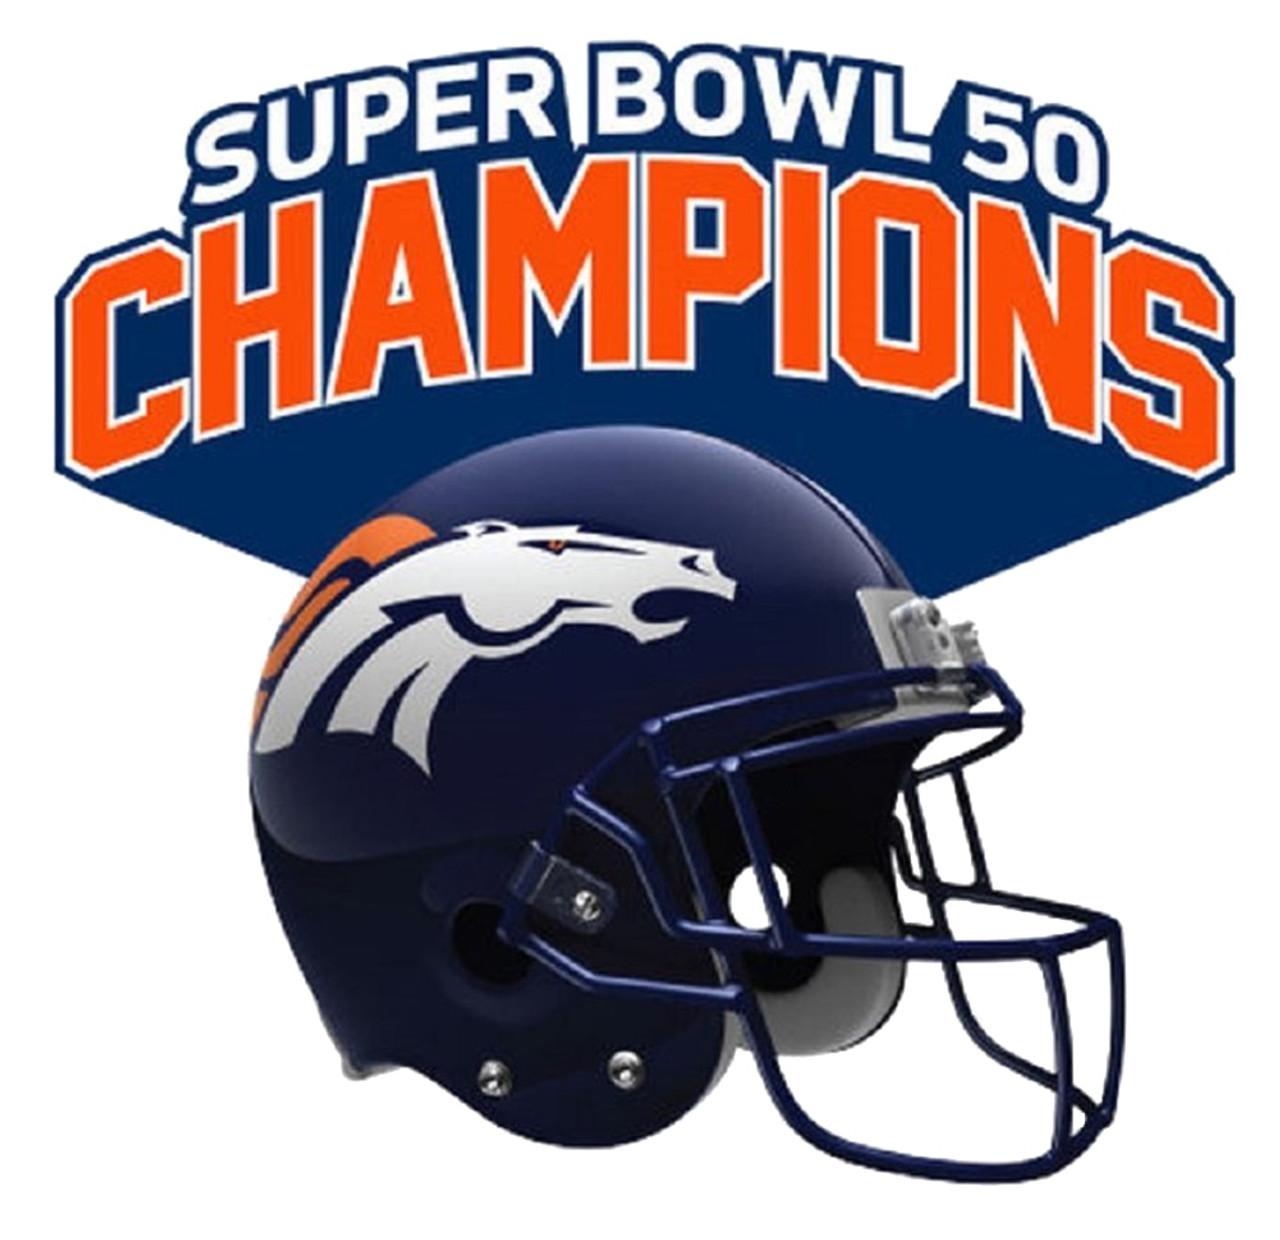 3eb232a6 Denver Broncos Super Bowl 50 Champions Free-form Acrylic Auto Emblem